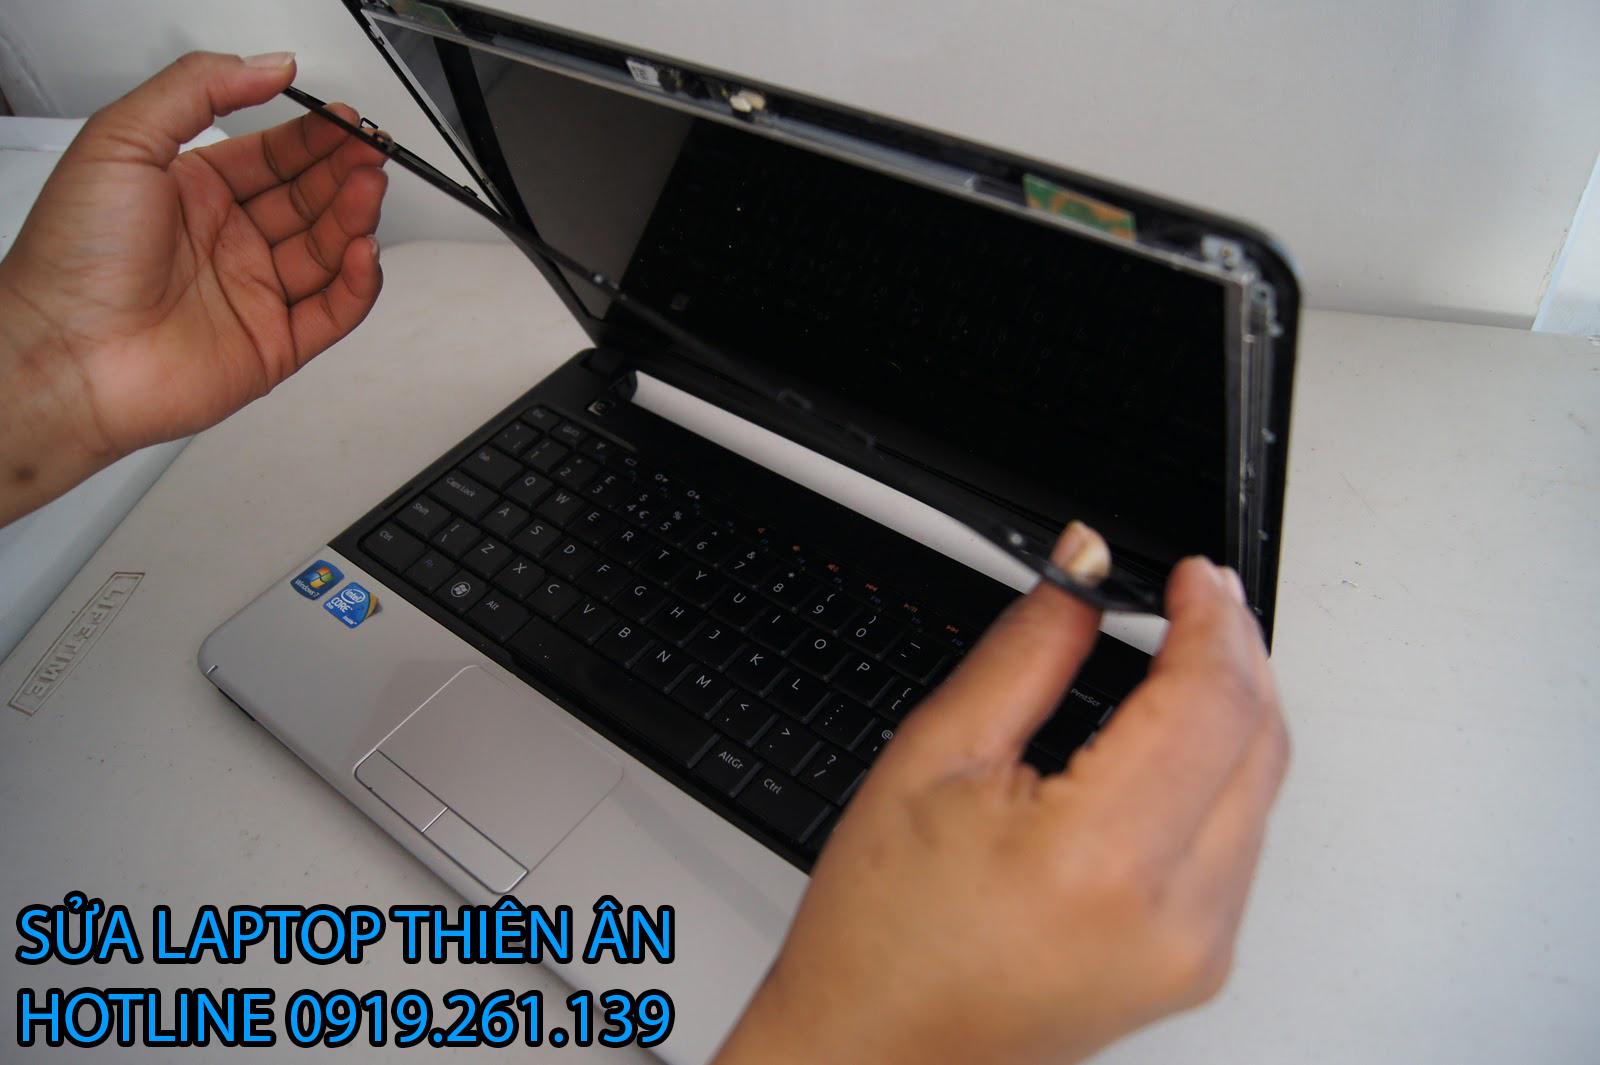 sua laptop lay lien